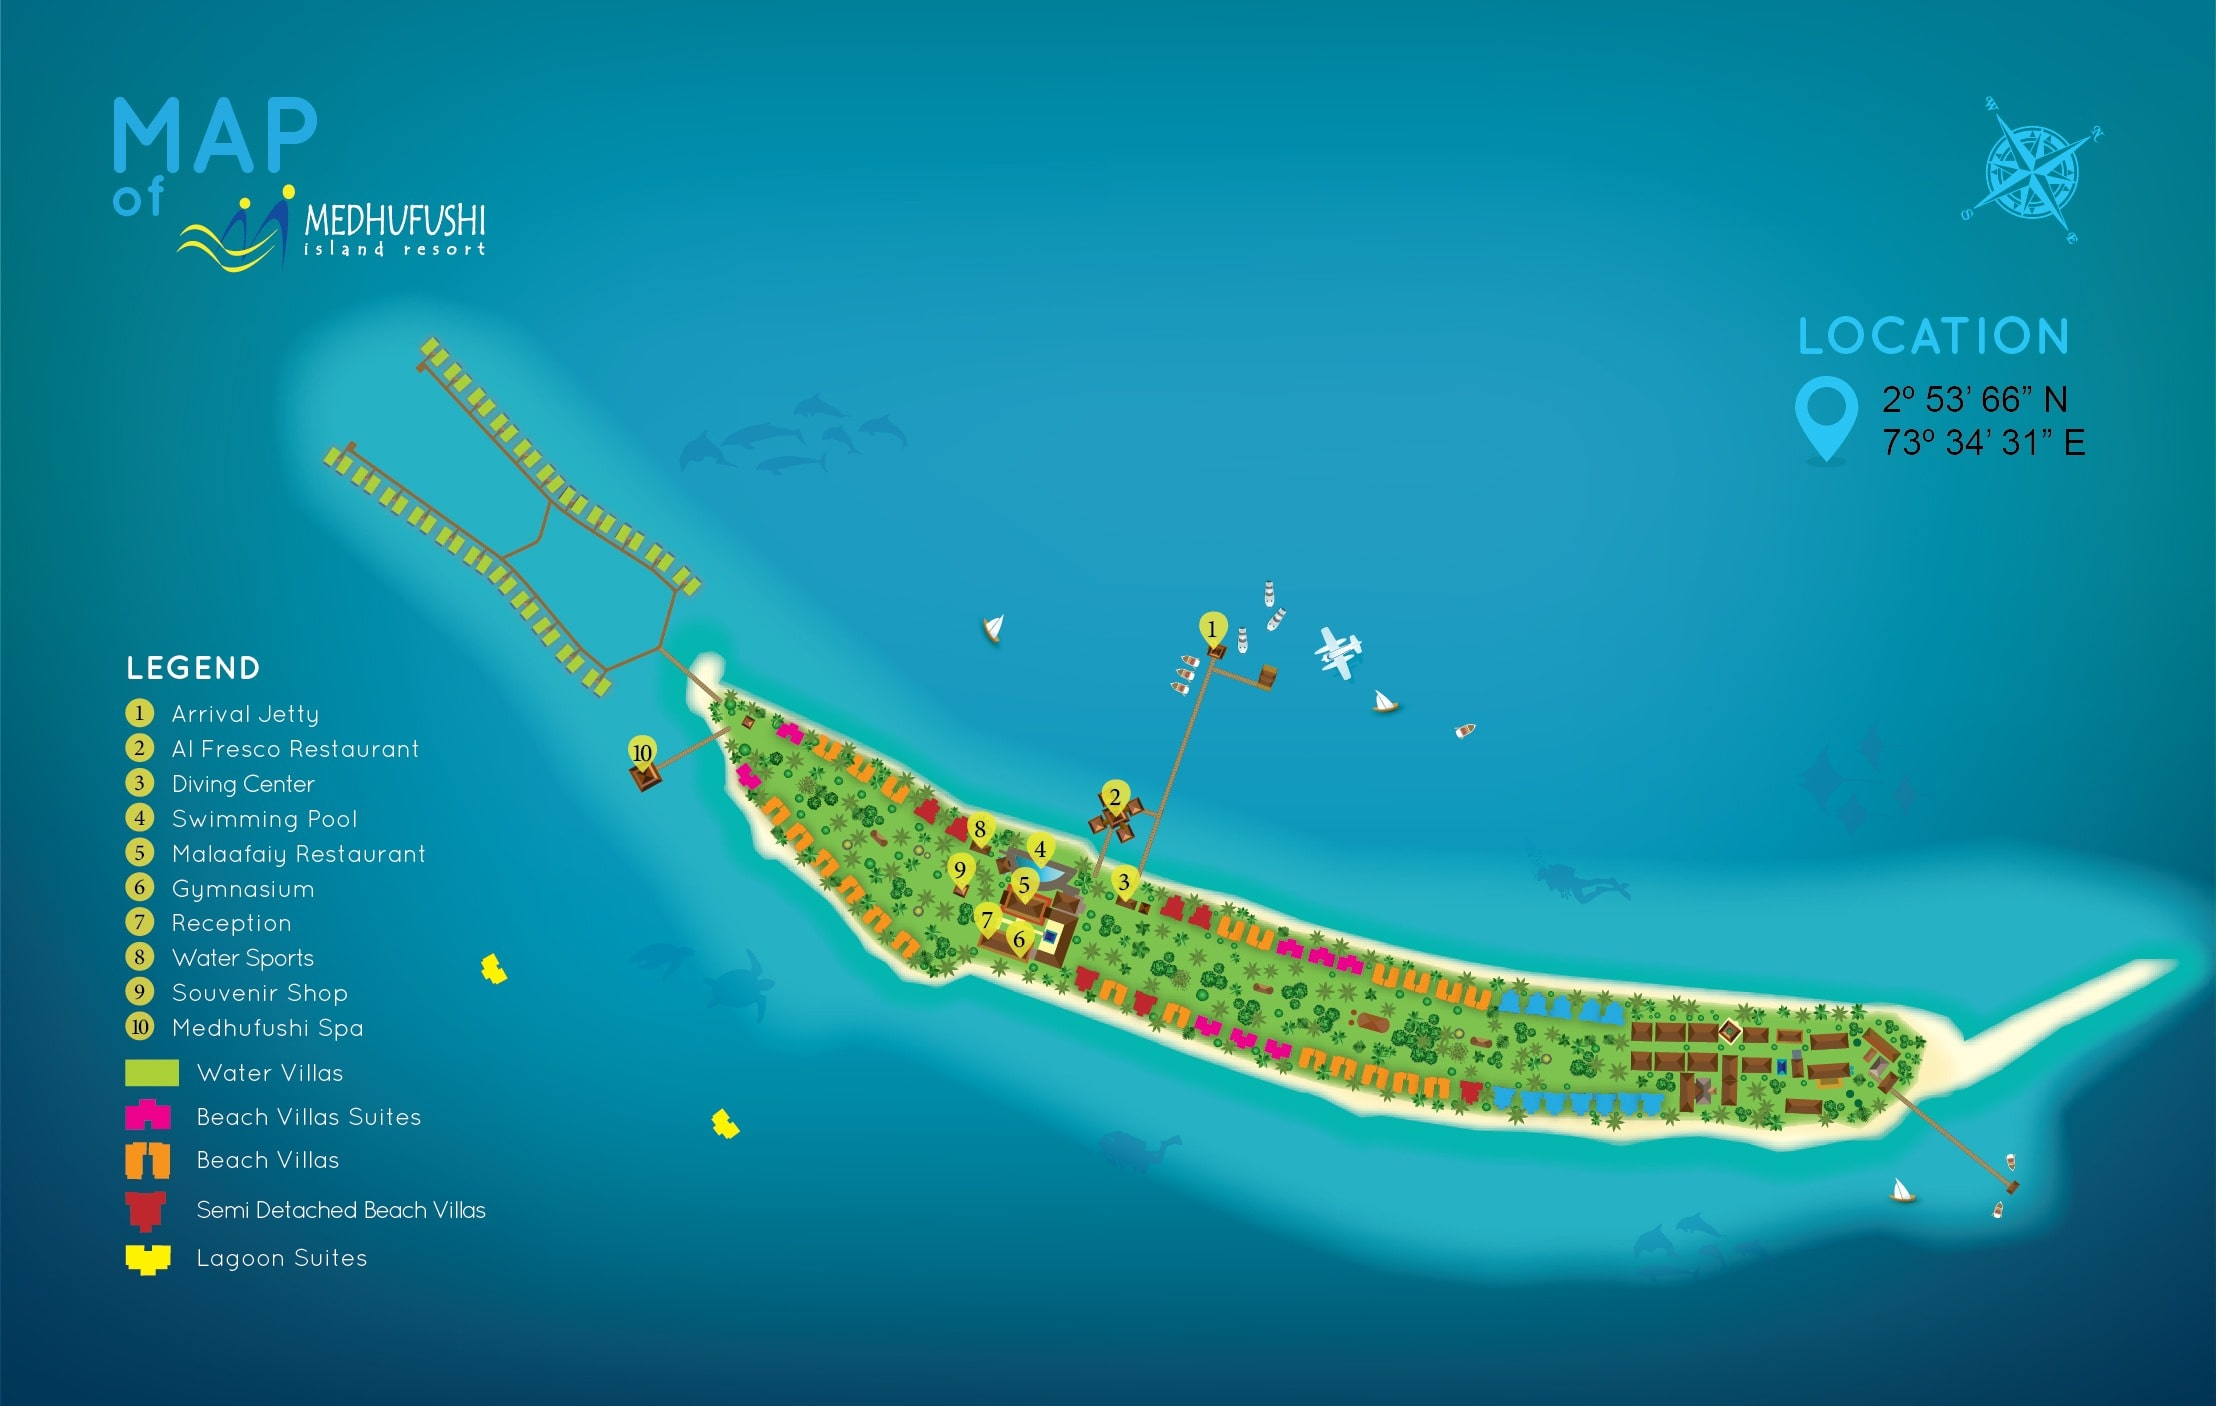 mappa Medhufushi Maldive, Map Maldives